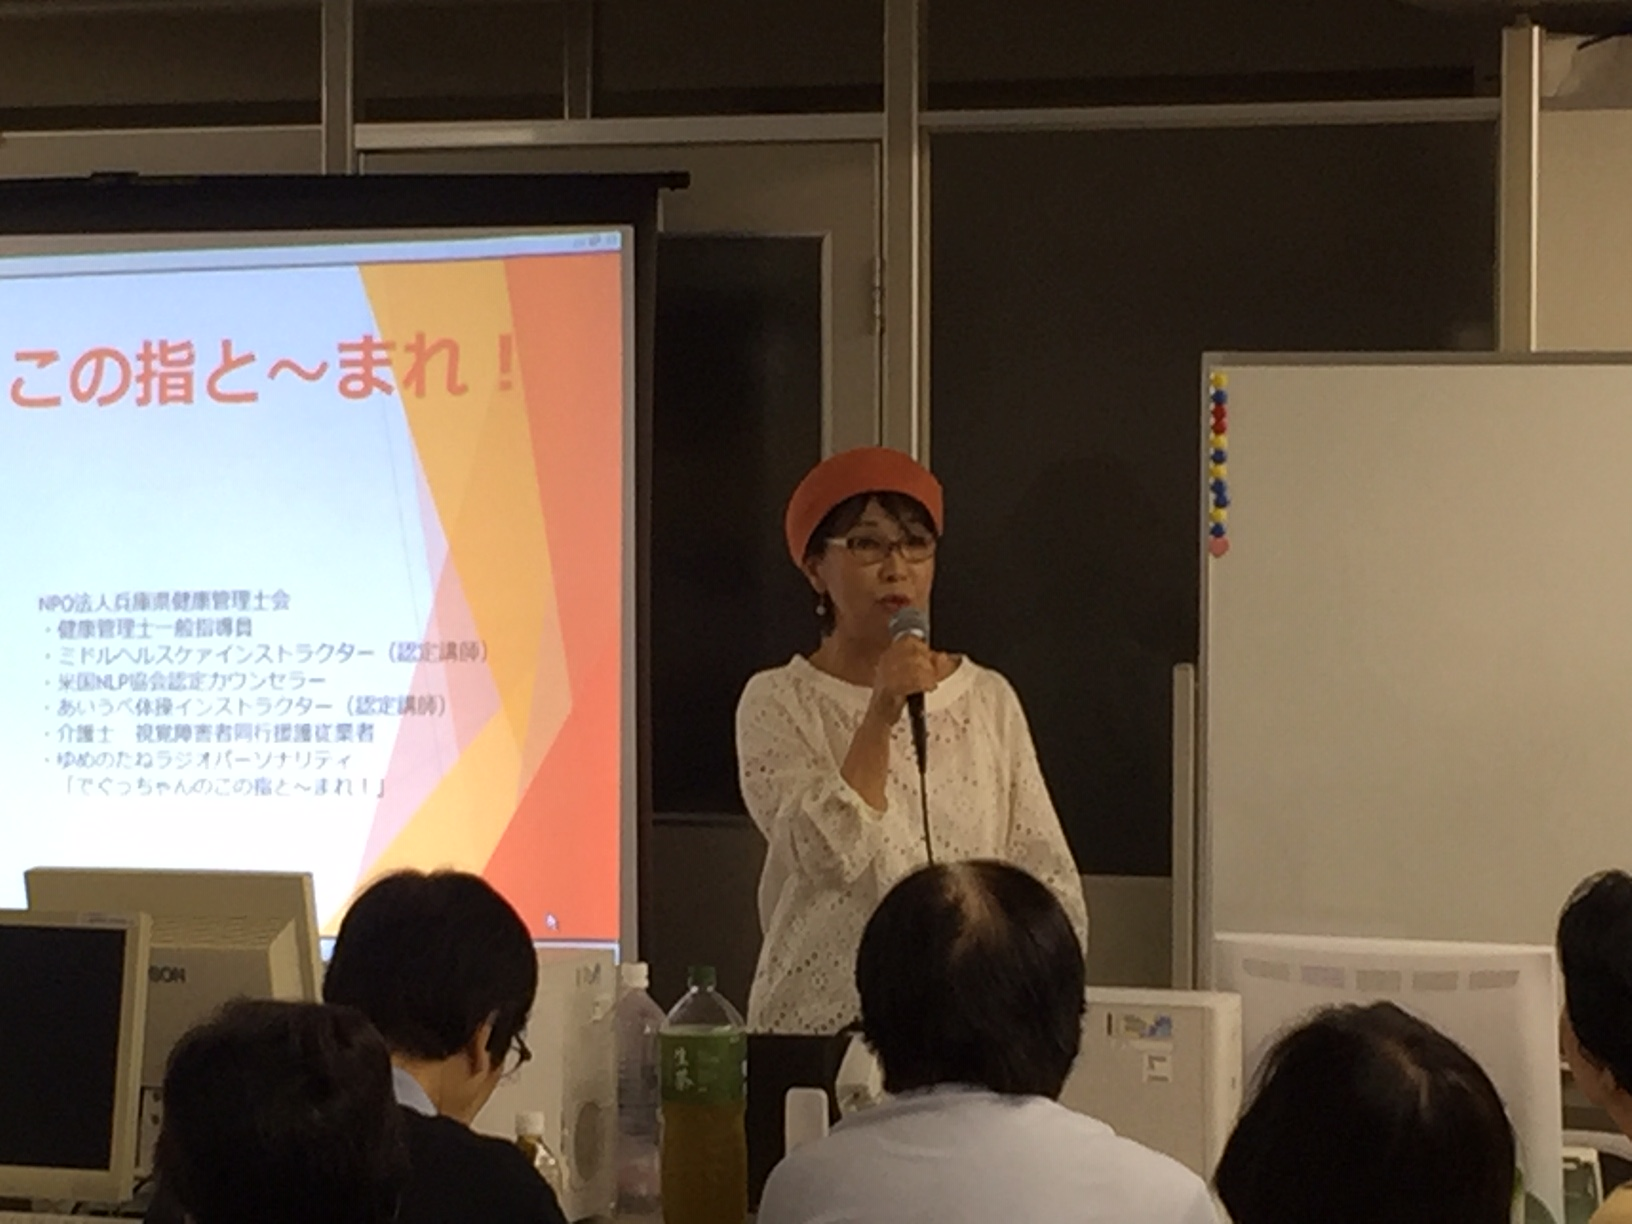 昭和ケアサービス様で講演を行いました。